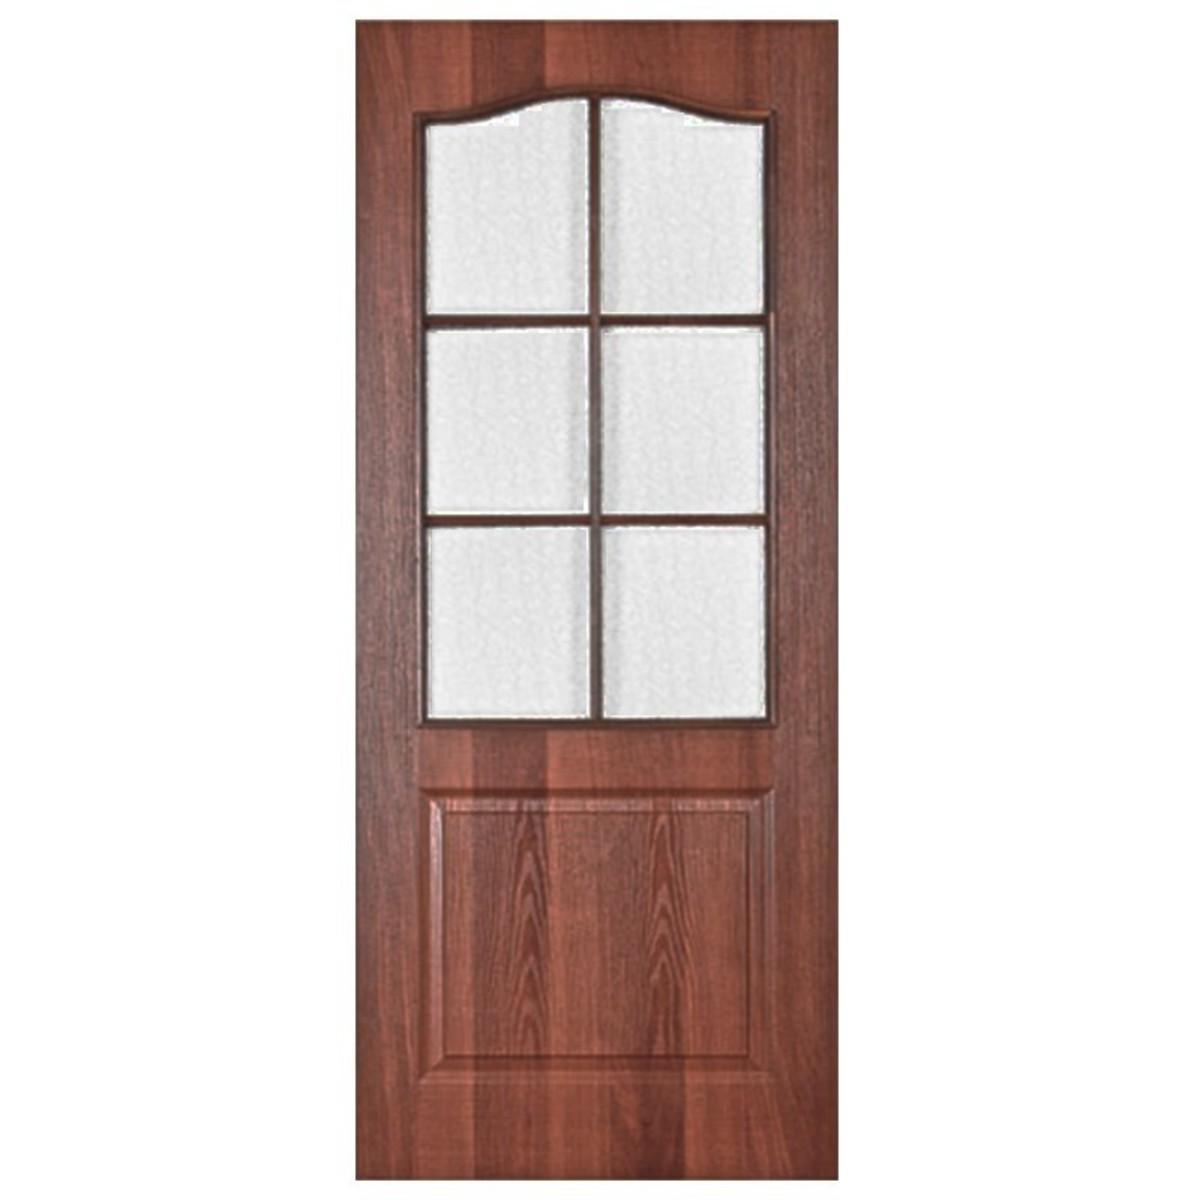 Дверь межкомнатная остеклённая Палитра 80x200 см ламинация цвет итальянский орех